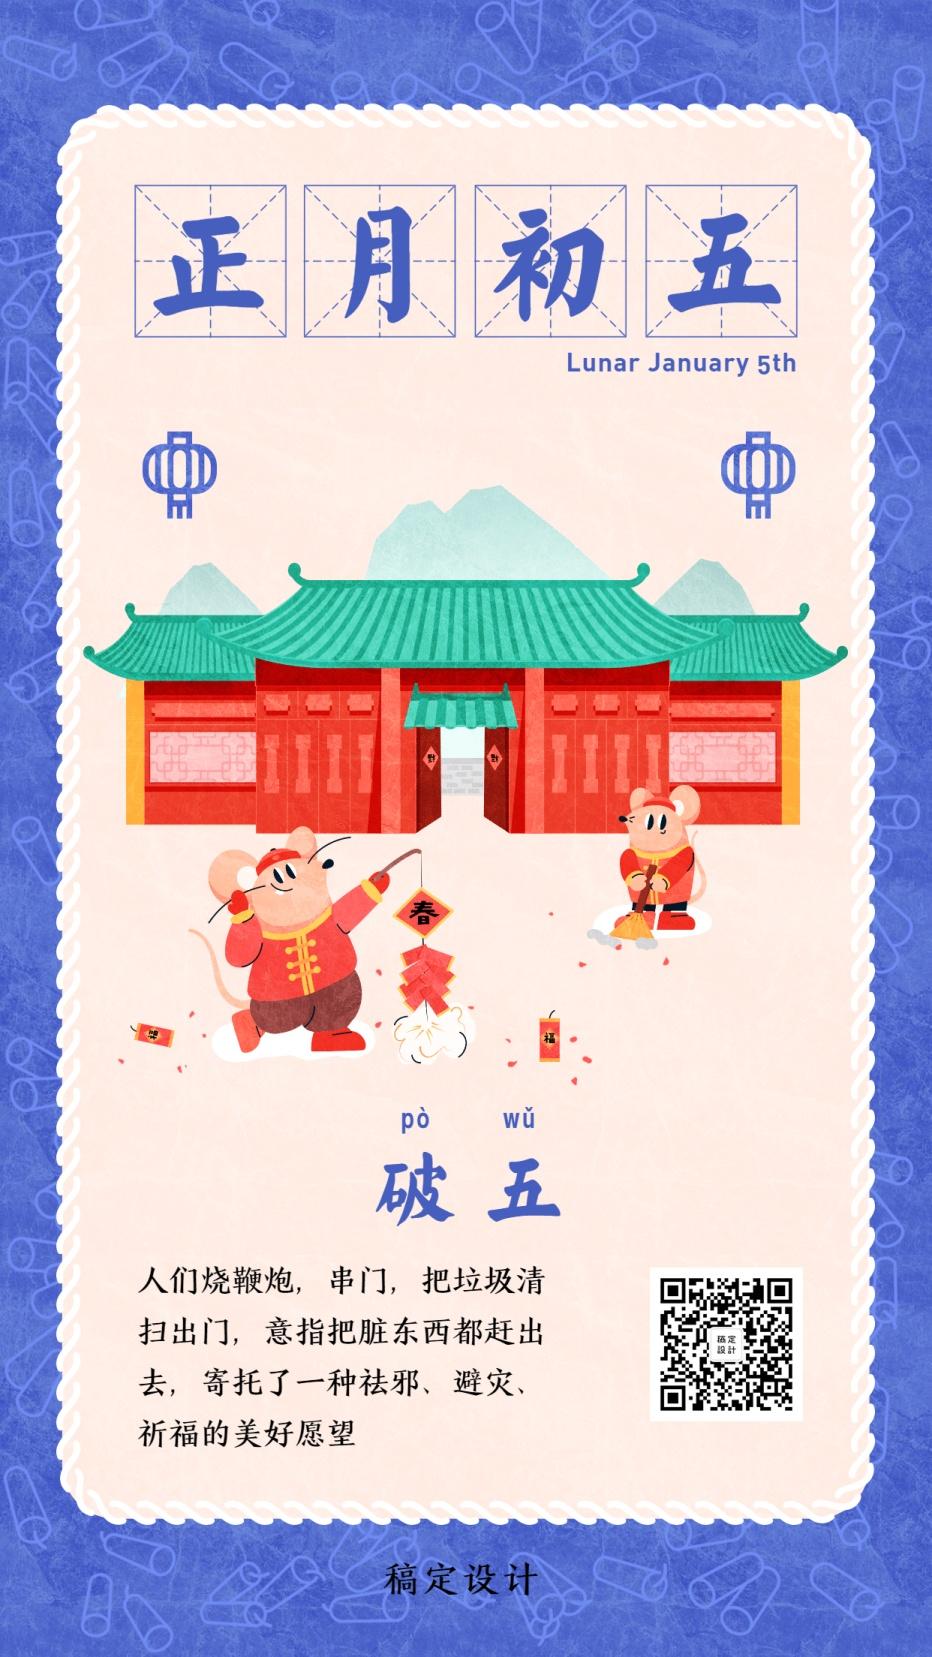 套系新年春节鼠年正月初五习俗新春祝福手机海报